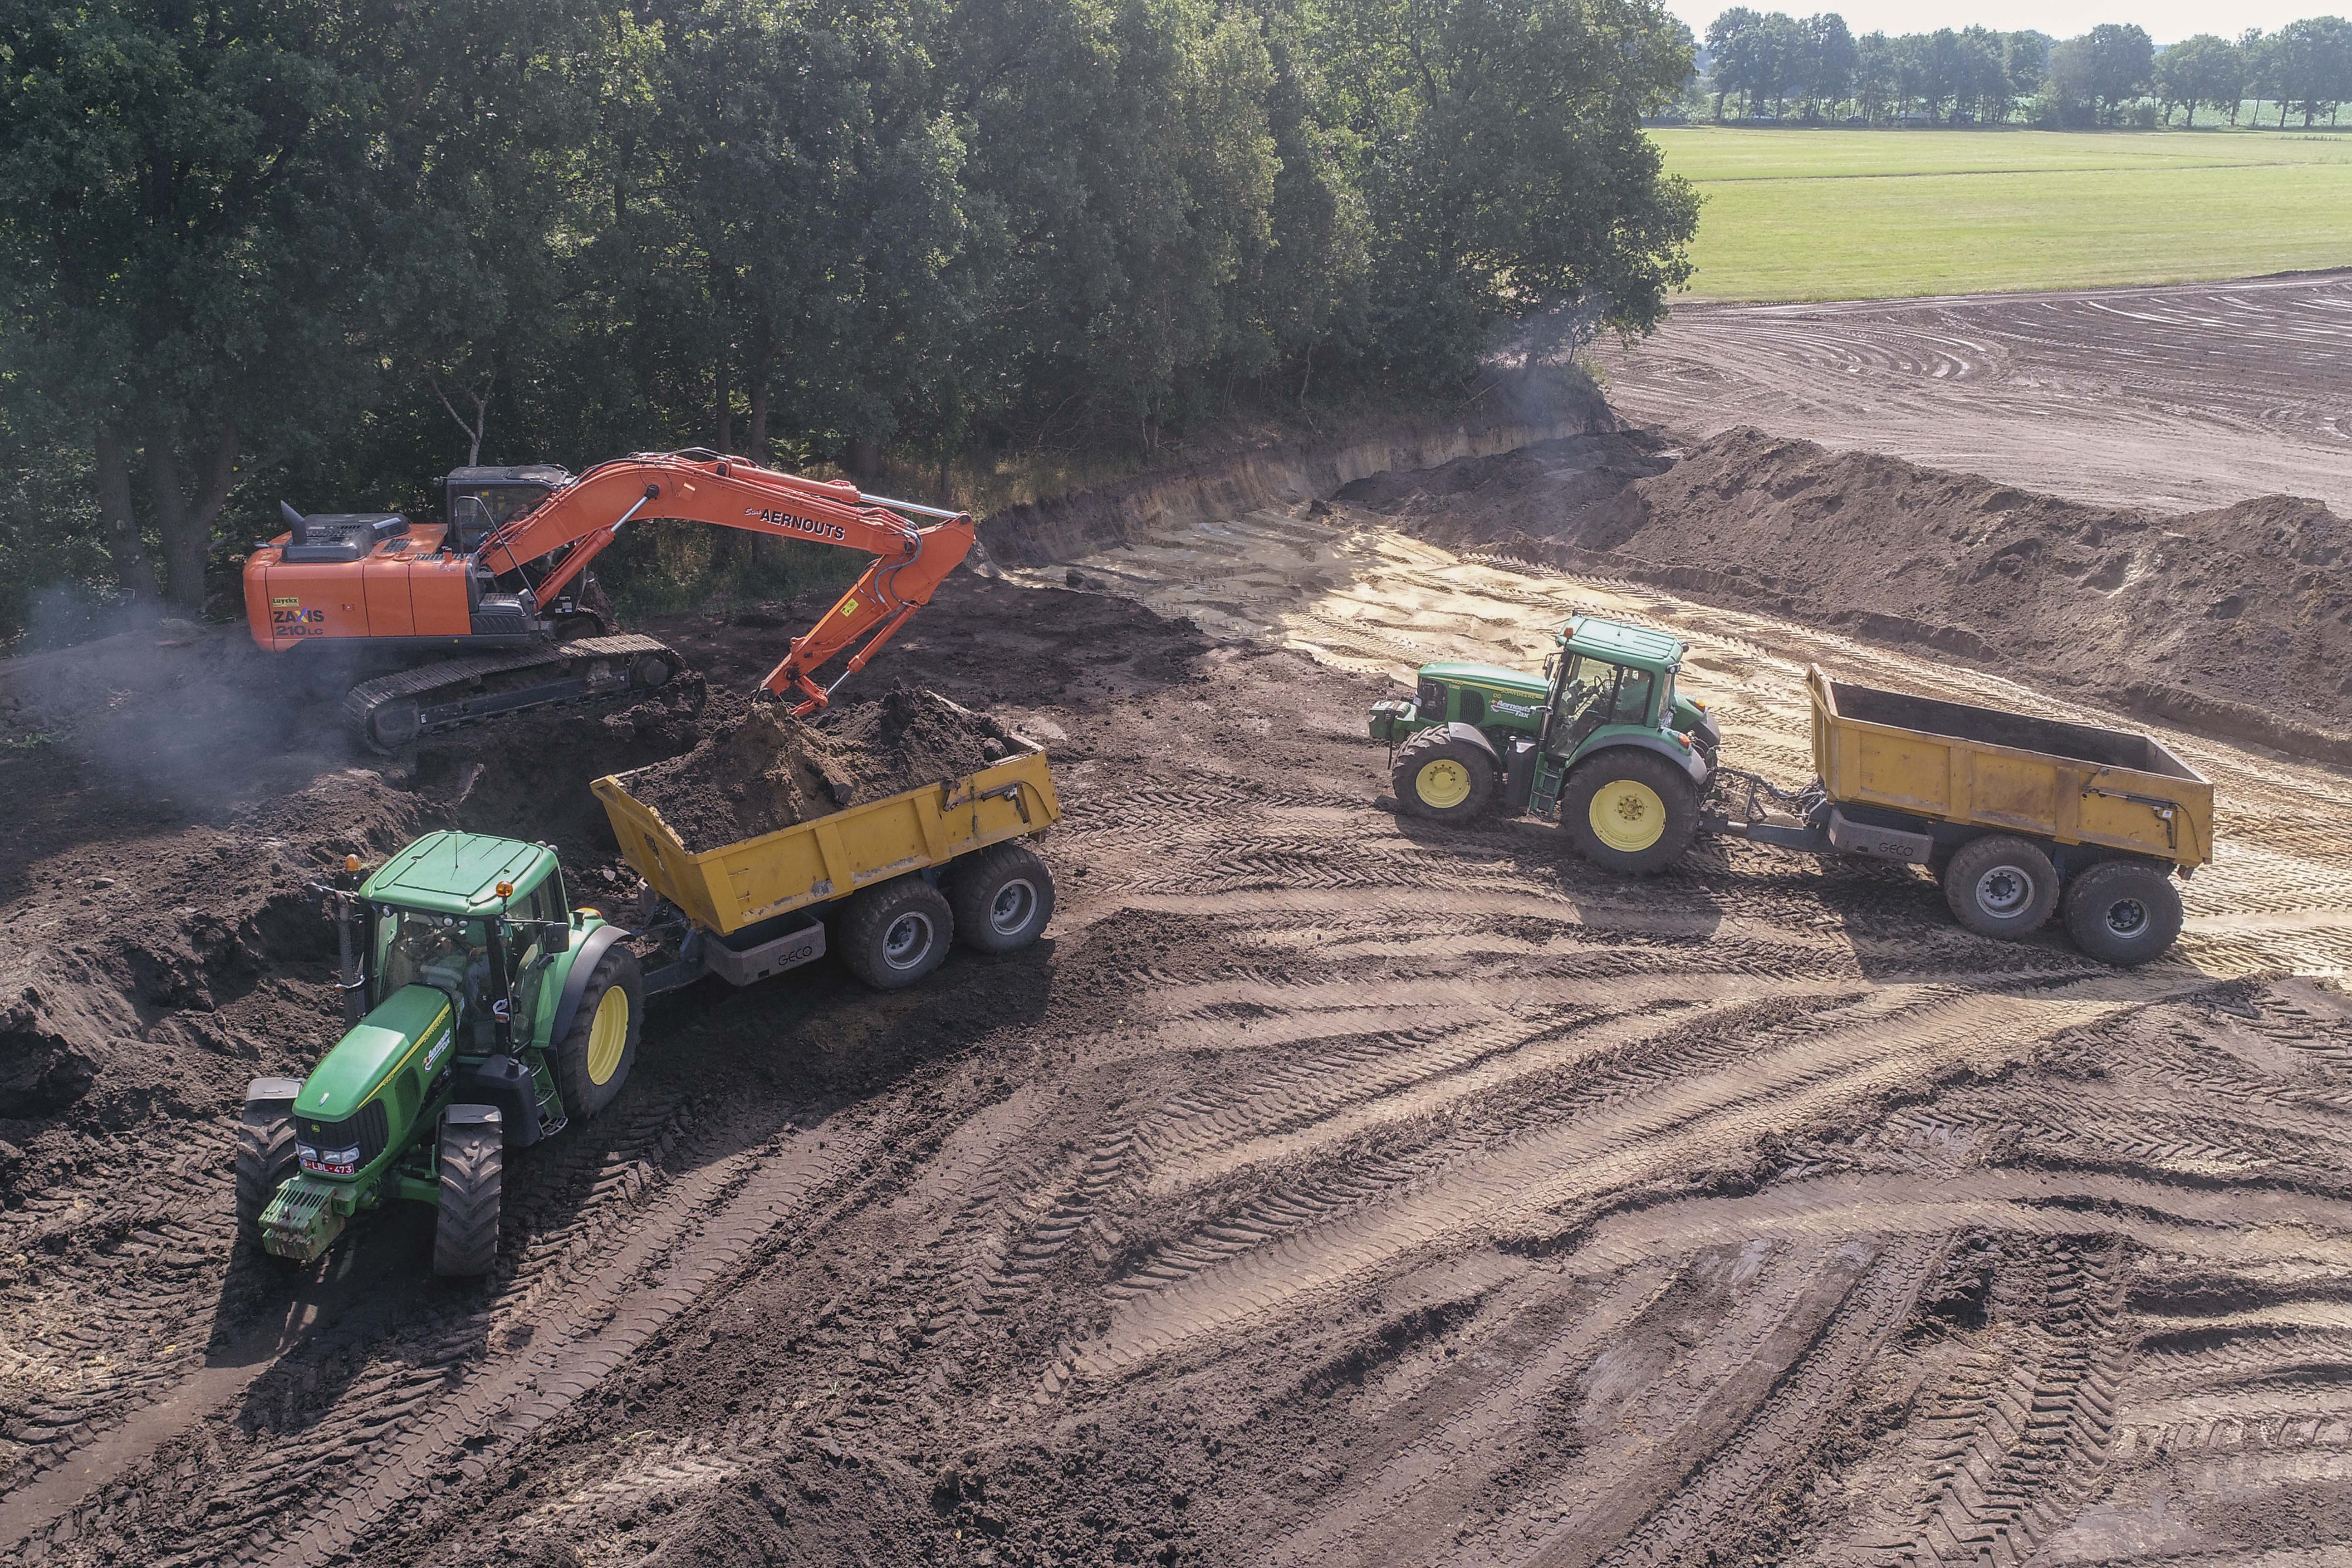 grond dumper huren?